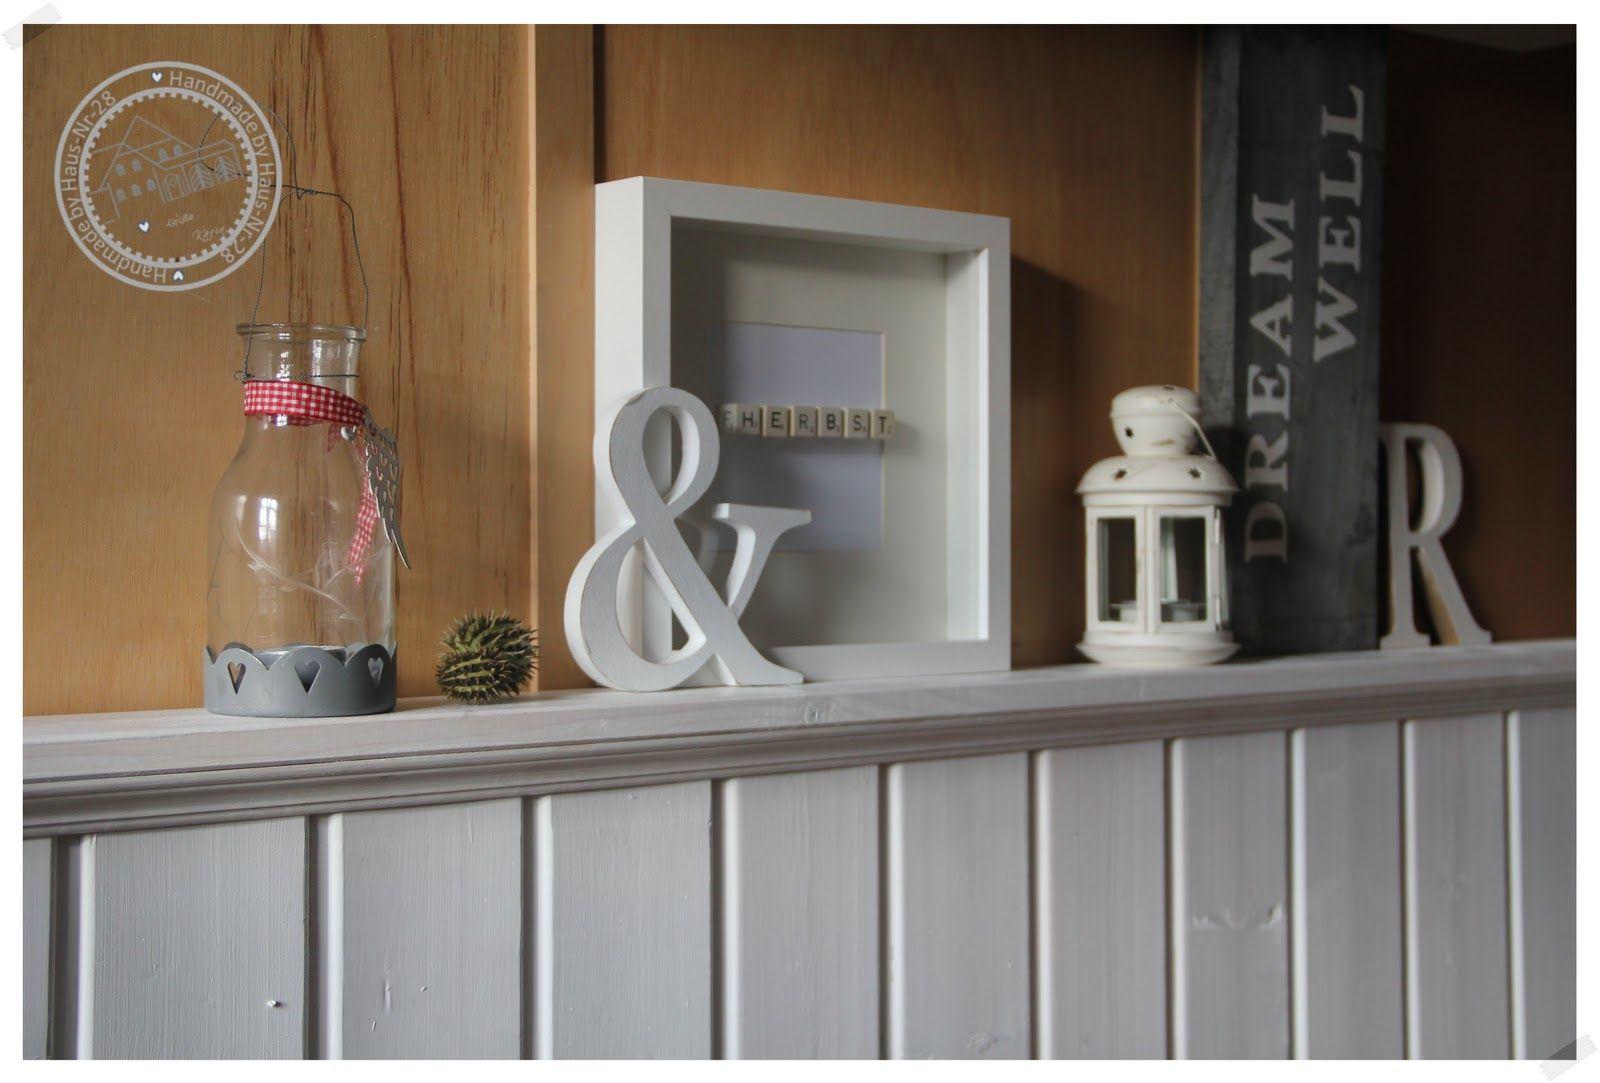 Richtige Lösung Stauraum Küchenanrichte Massivholz Landhausstil Weiß   DIY    What To Tinker ...   Pinterest   Stauraum, Küchenanrichte Und Richtiger